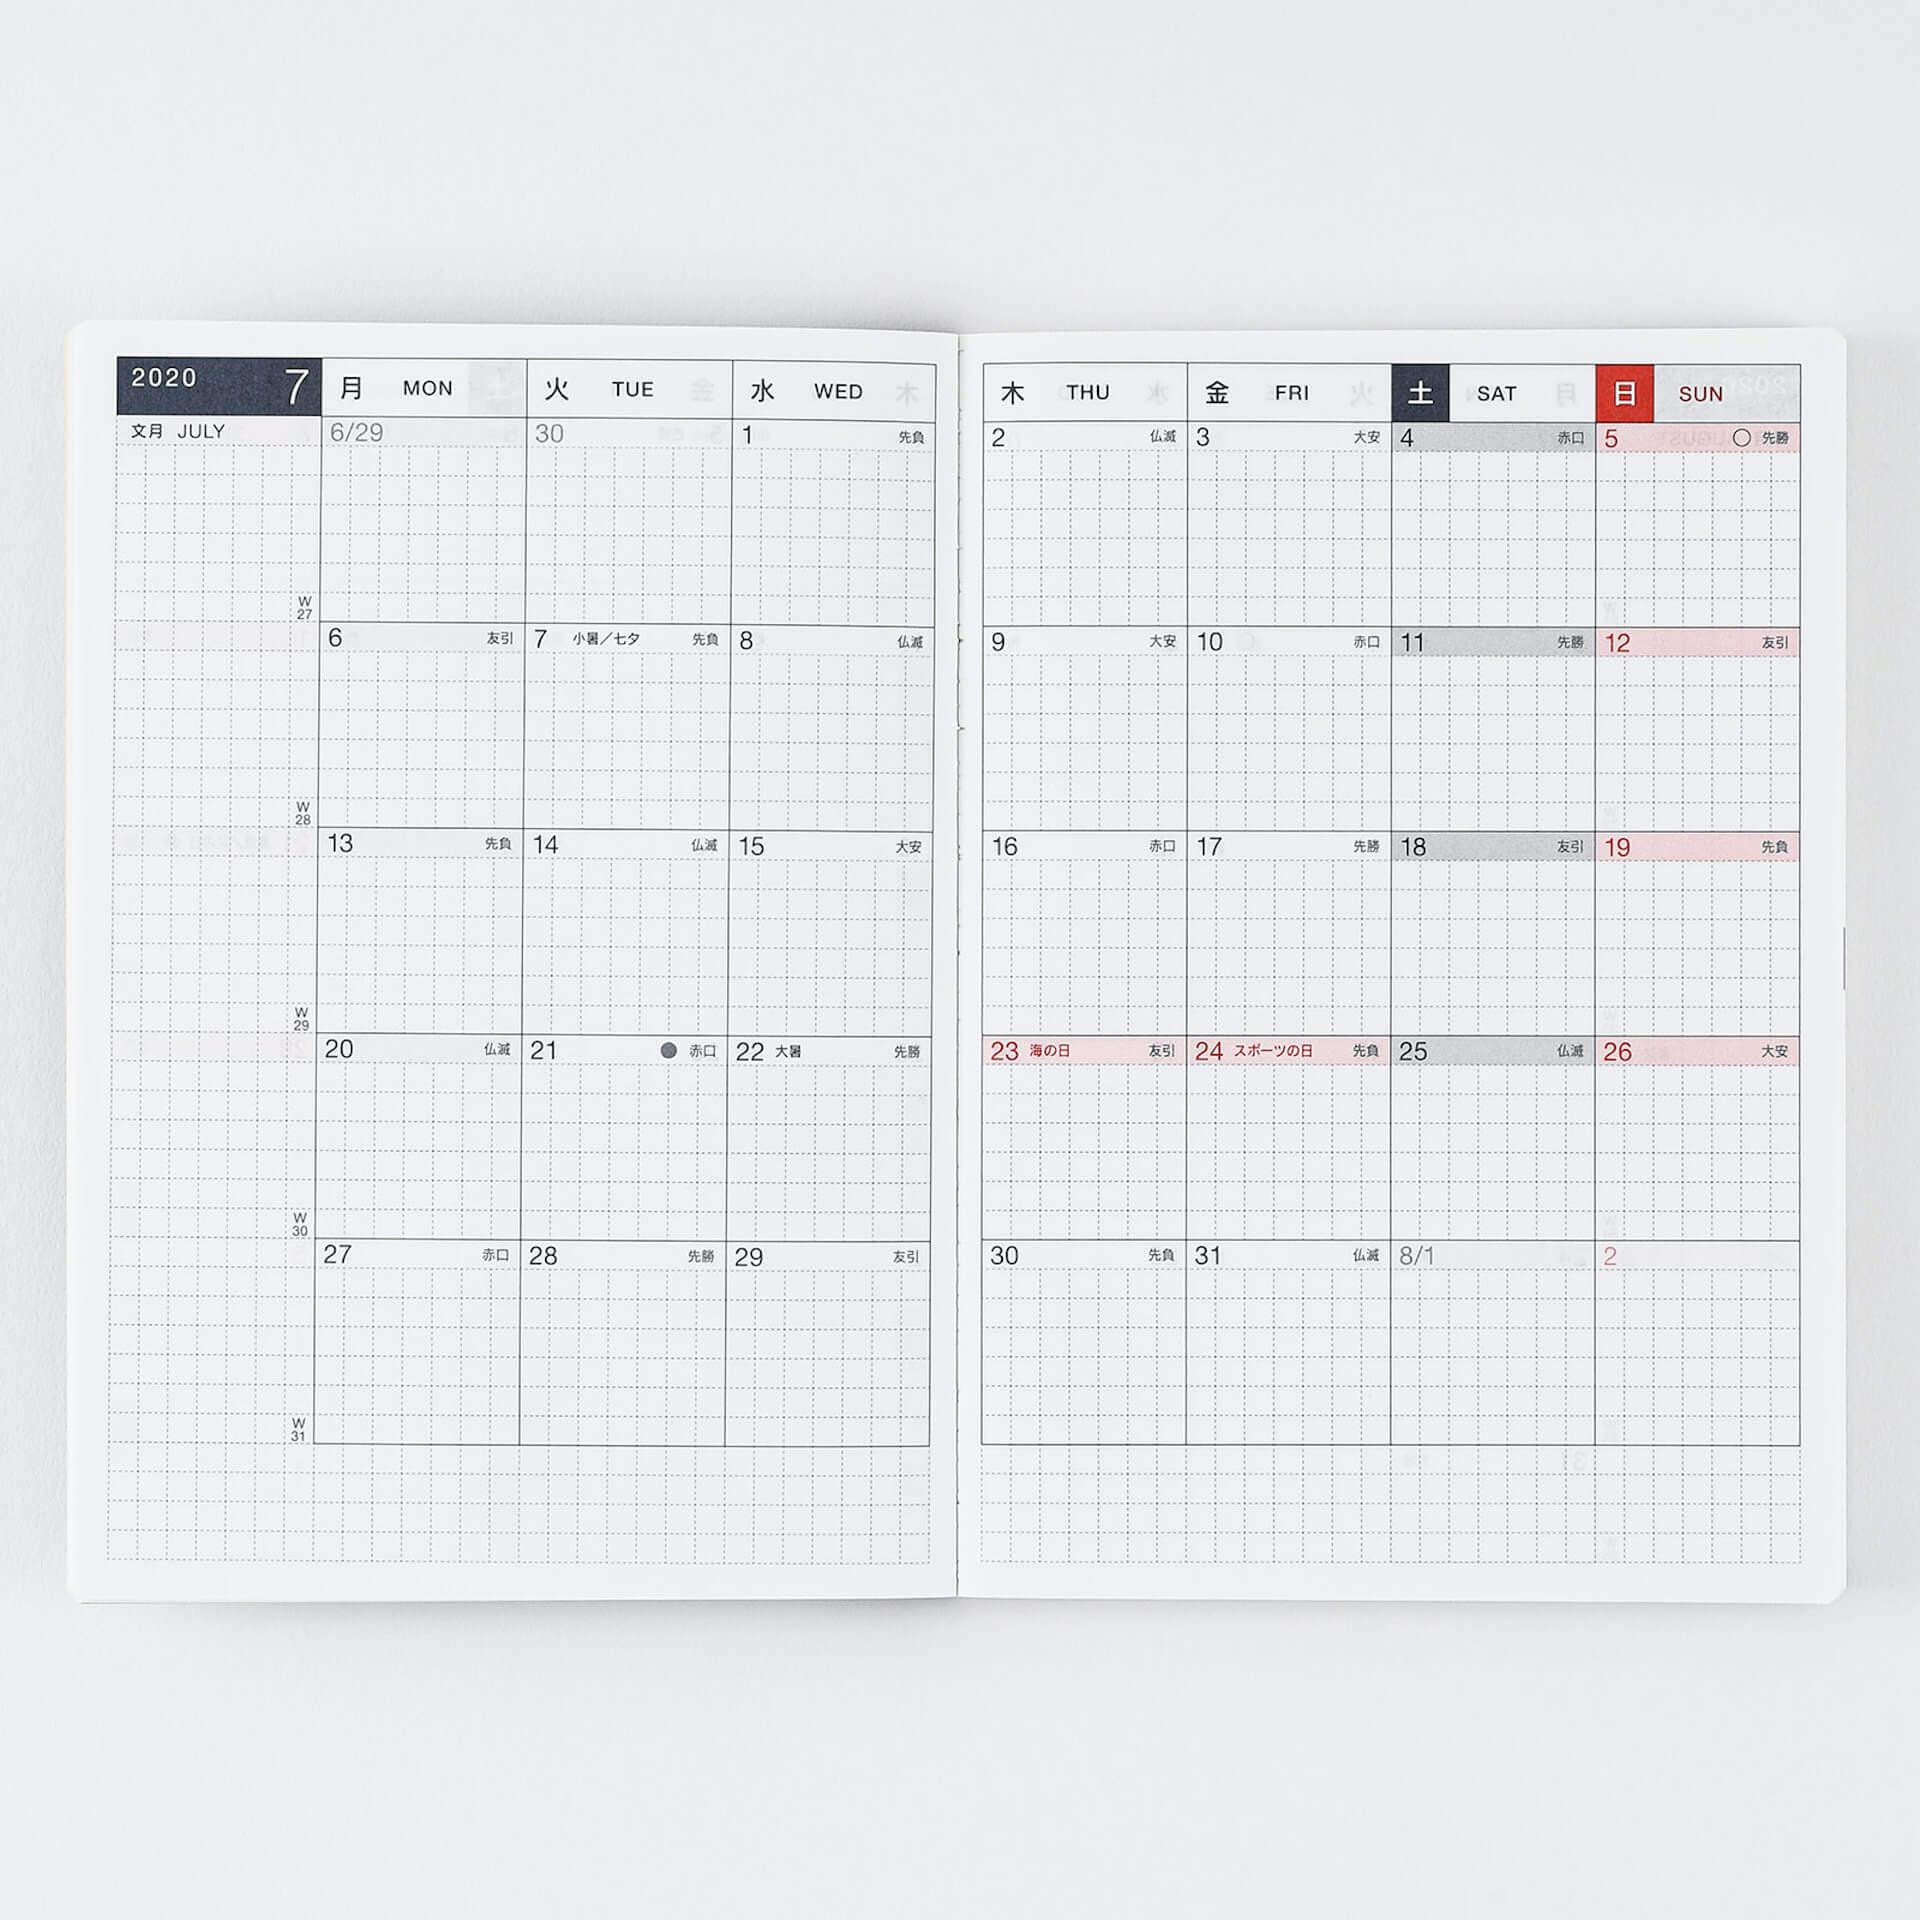 7月始まり・スリムサイズのほぼ日手帳『avec 後期』が販売開始!ほぼ日ストアで送料無料キャンペーンも実施中 ac200601_hobonichi_avec_03